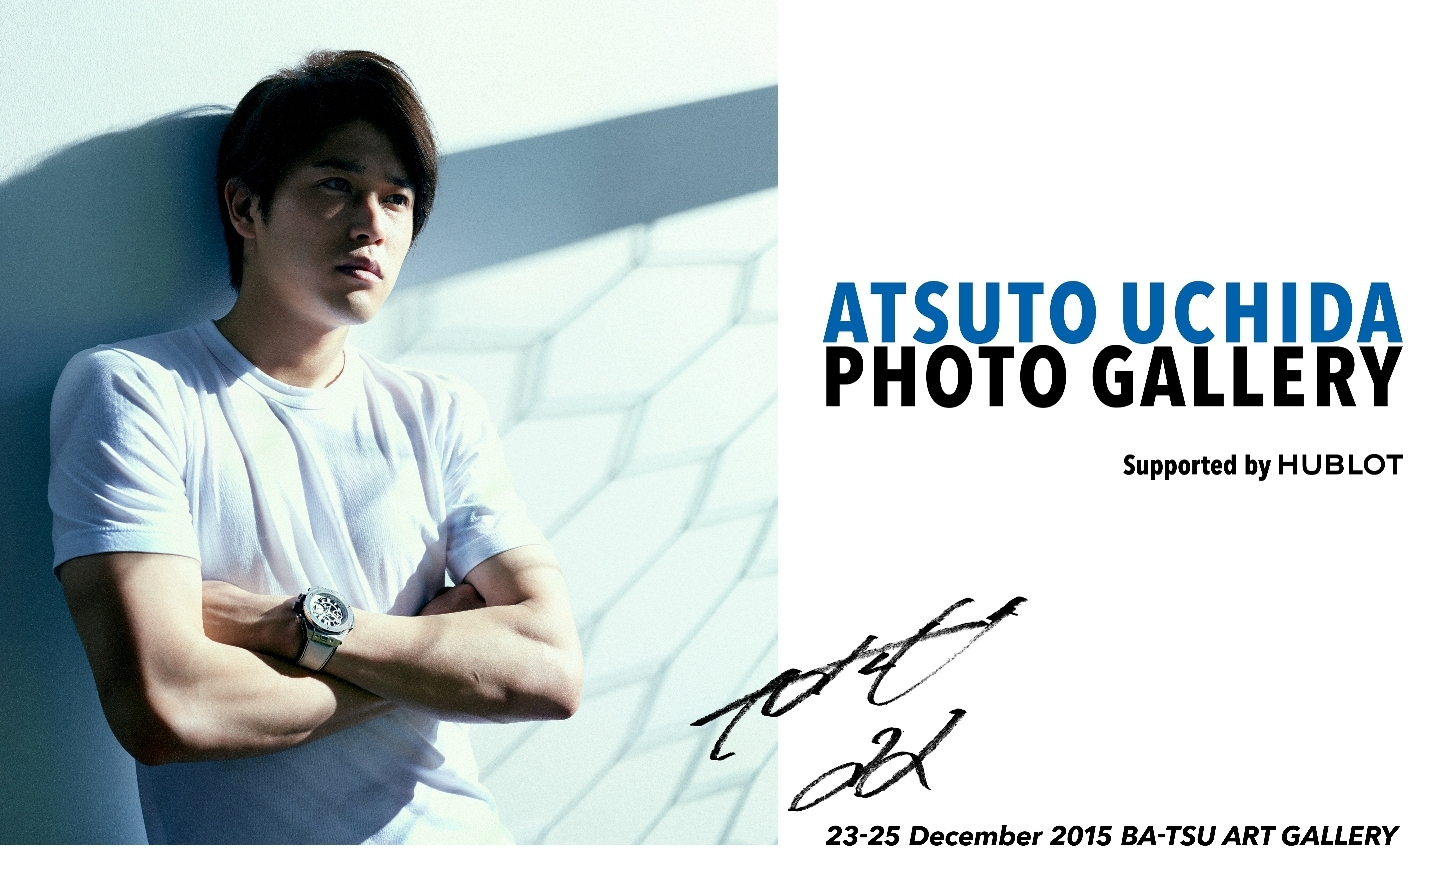 内田篤人選手写真展『ATSUTO UCHIDA PHOTO GALLERY supported by HUBLOT』